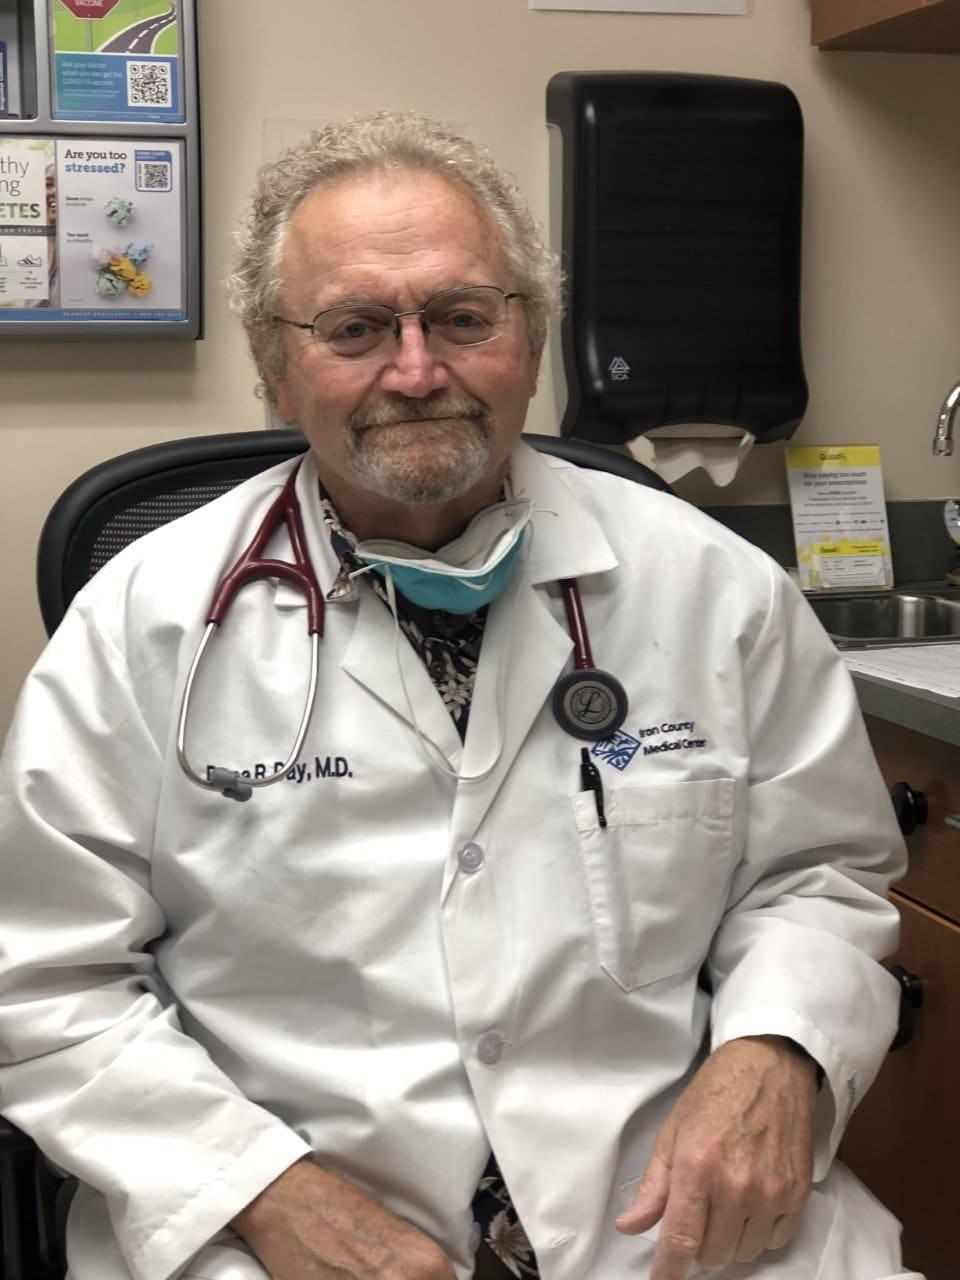 Dr. Dana Richard Day